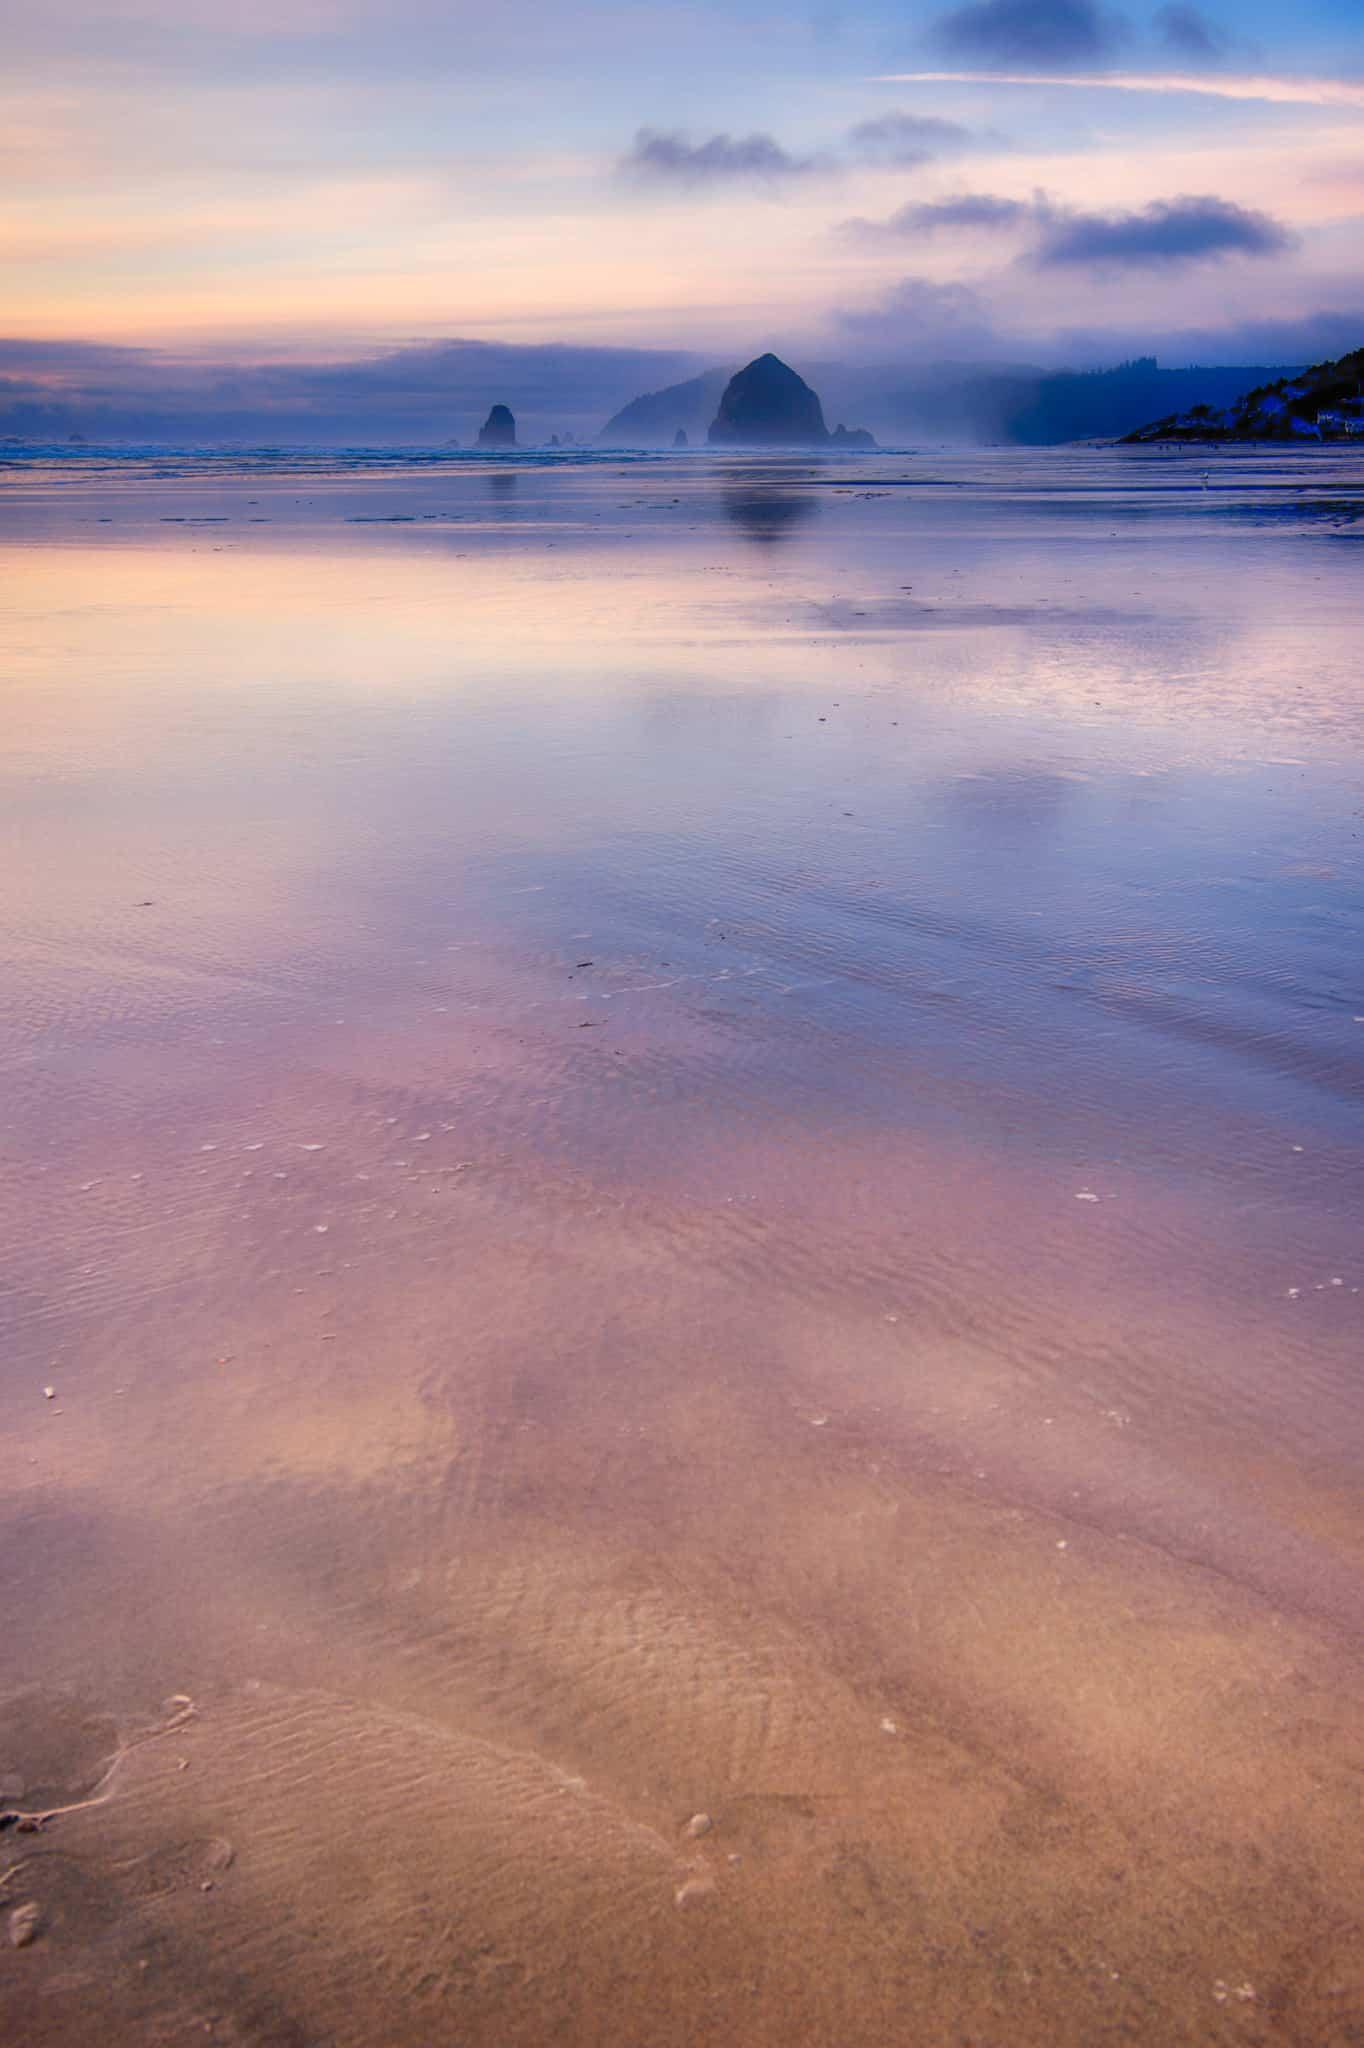 Haystack Rock at Cannon Beach - Oregon's Pacific coast